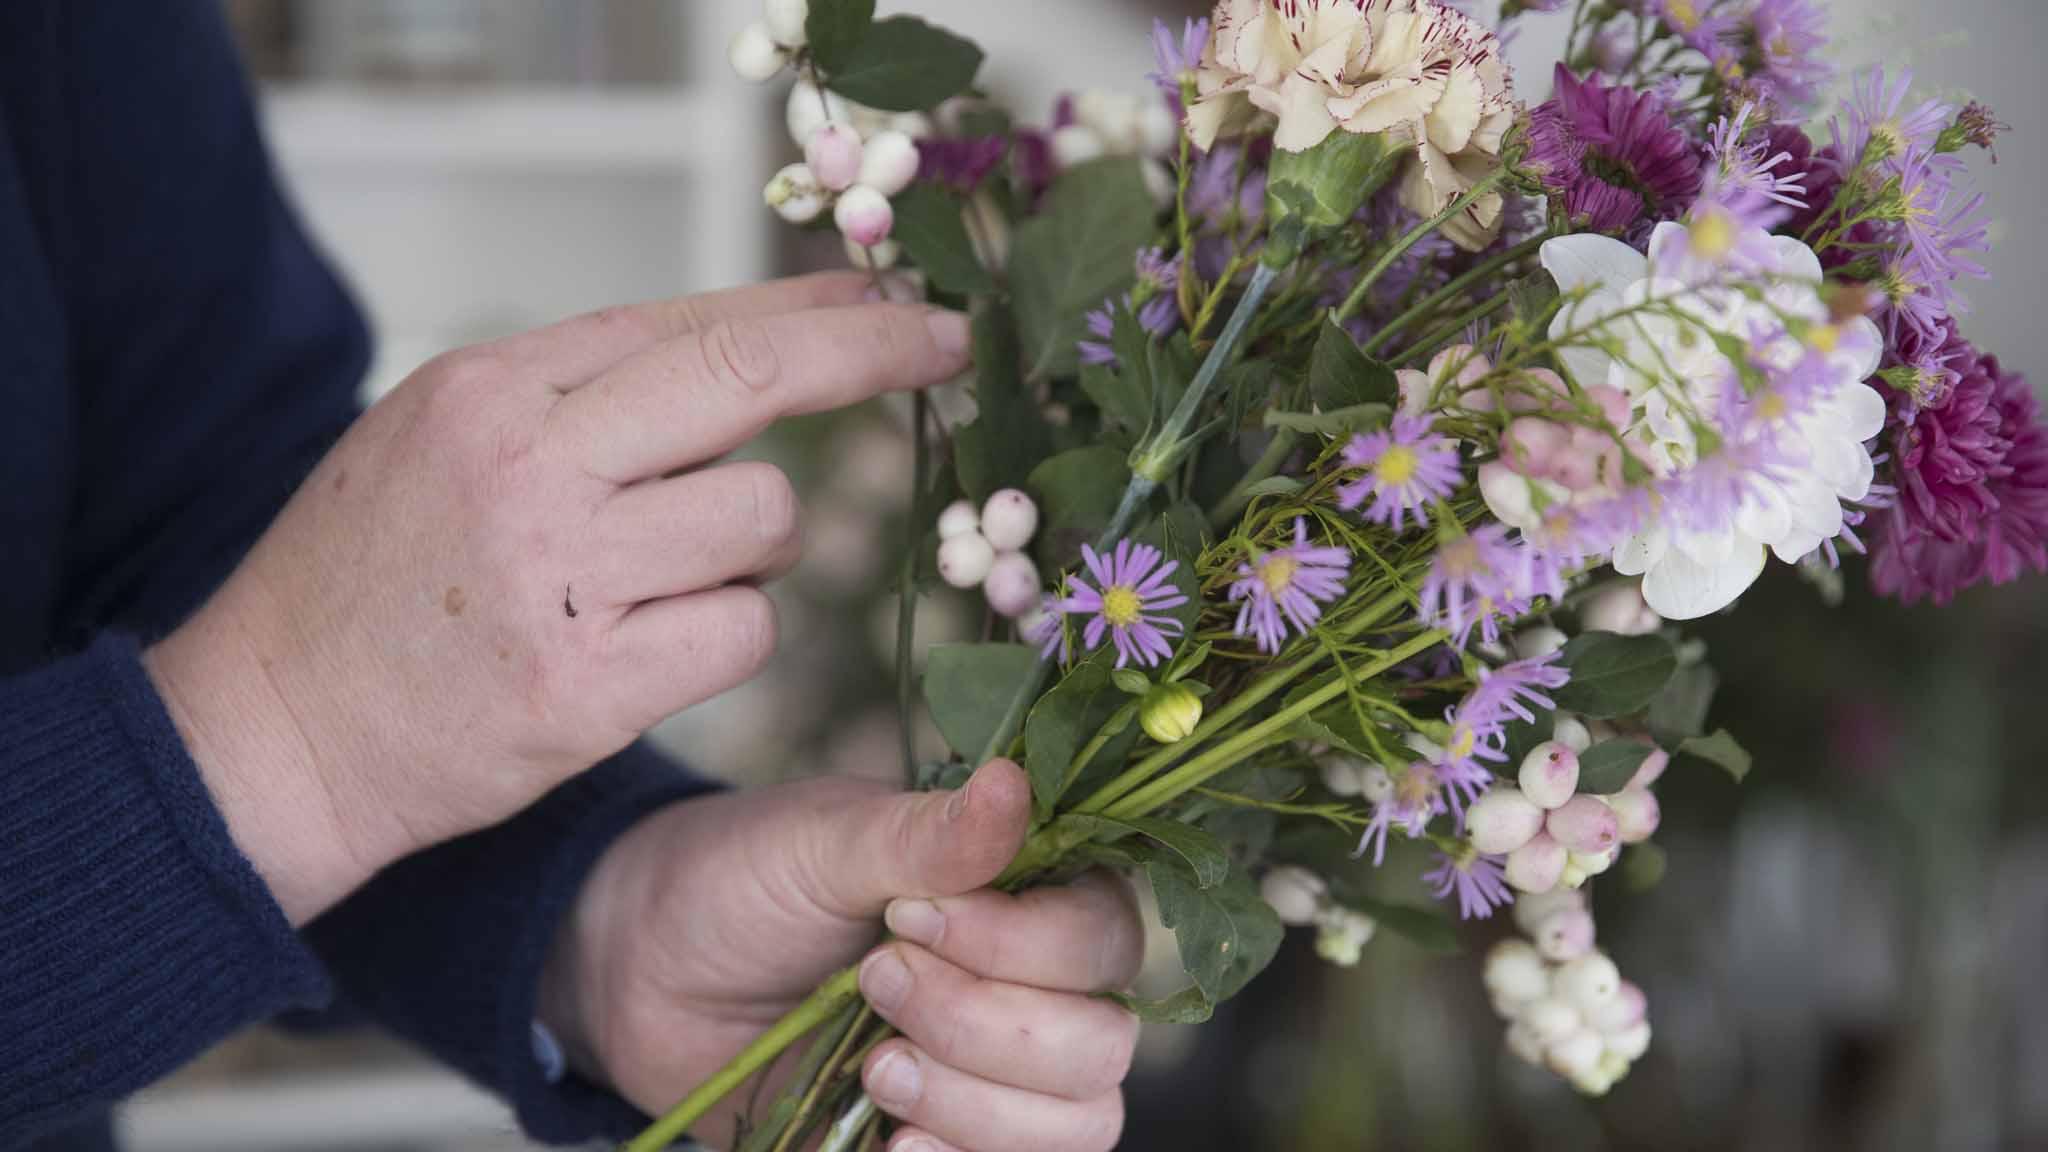 Teamevent-Blumen binden-Bild2